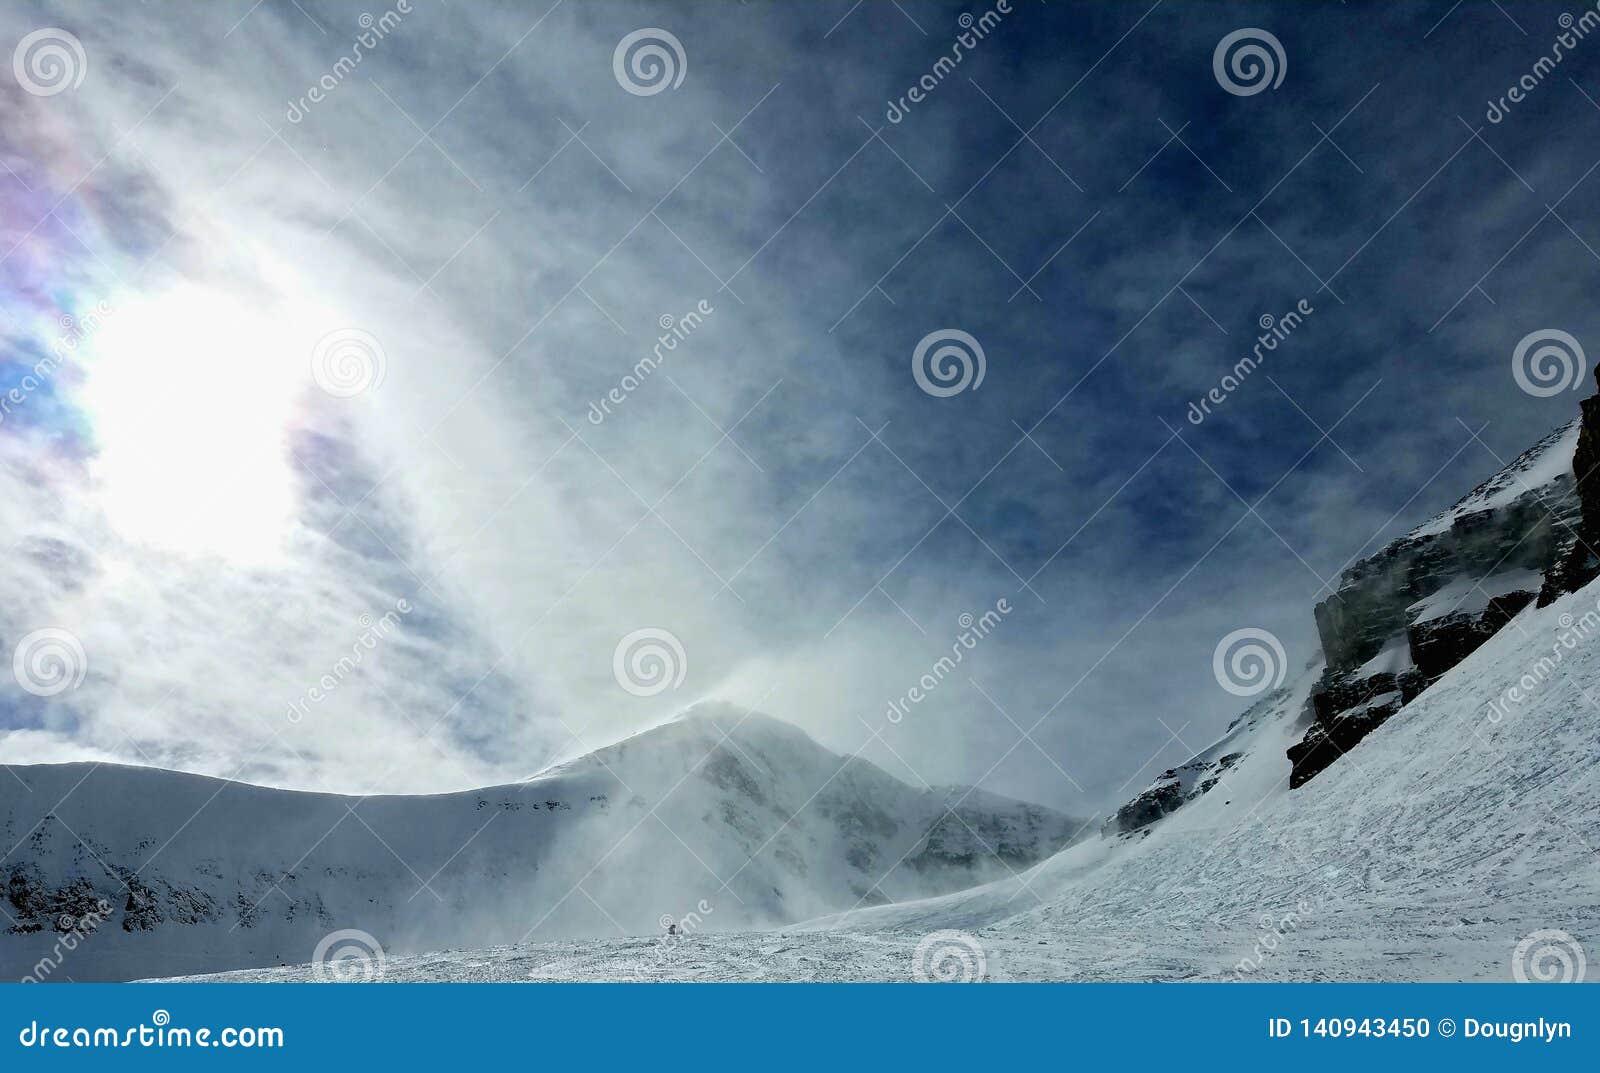 Blowing Snow Vivid Sky